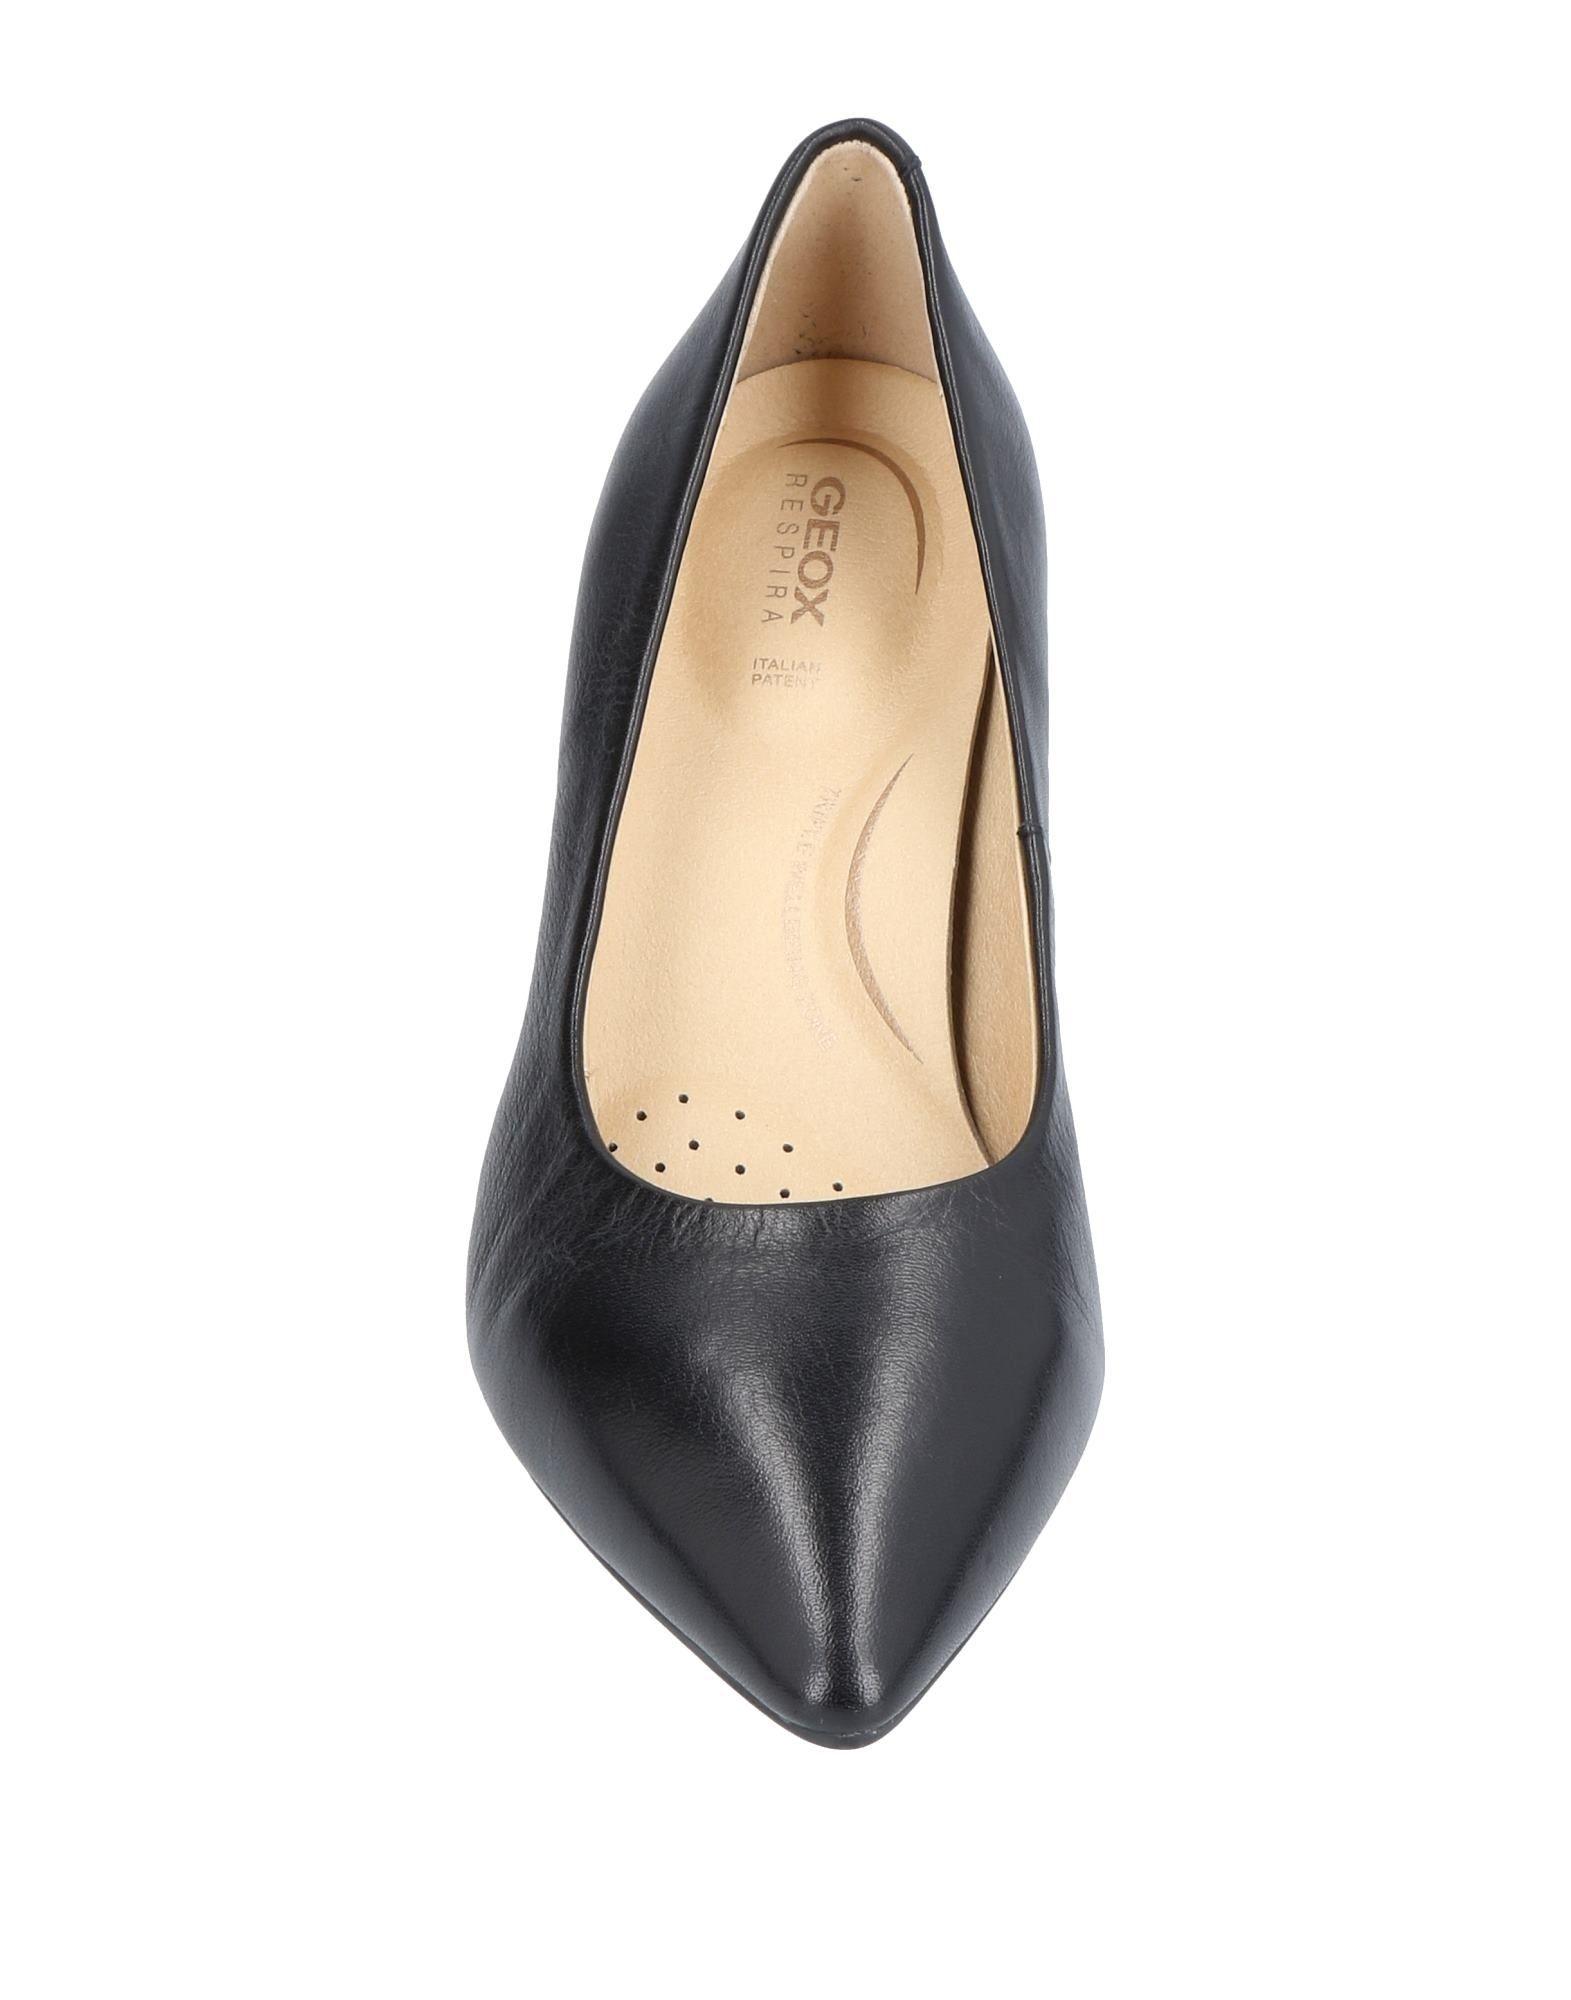 Geox Pumps Qualität Damen  11499070XI Gute Qualität Pumps beliebte Schuhe 6d0ec6